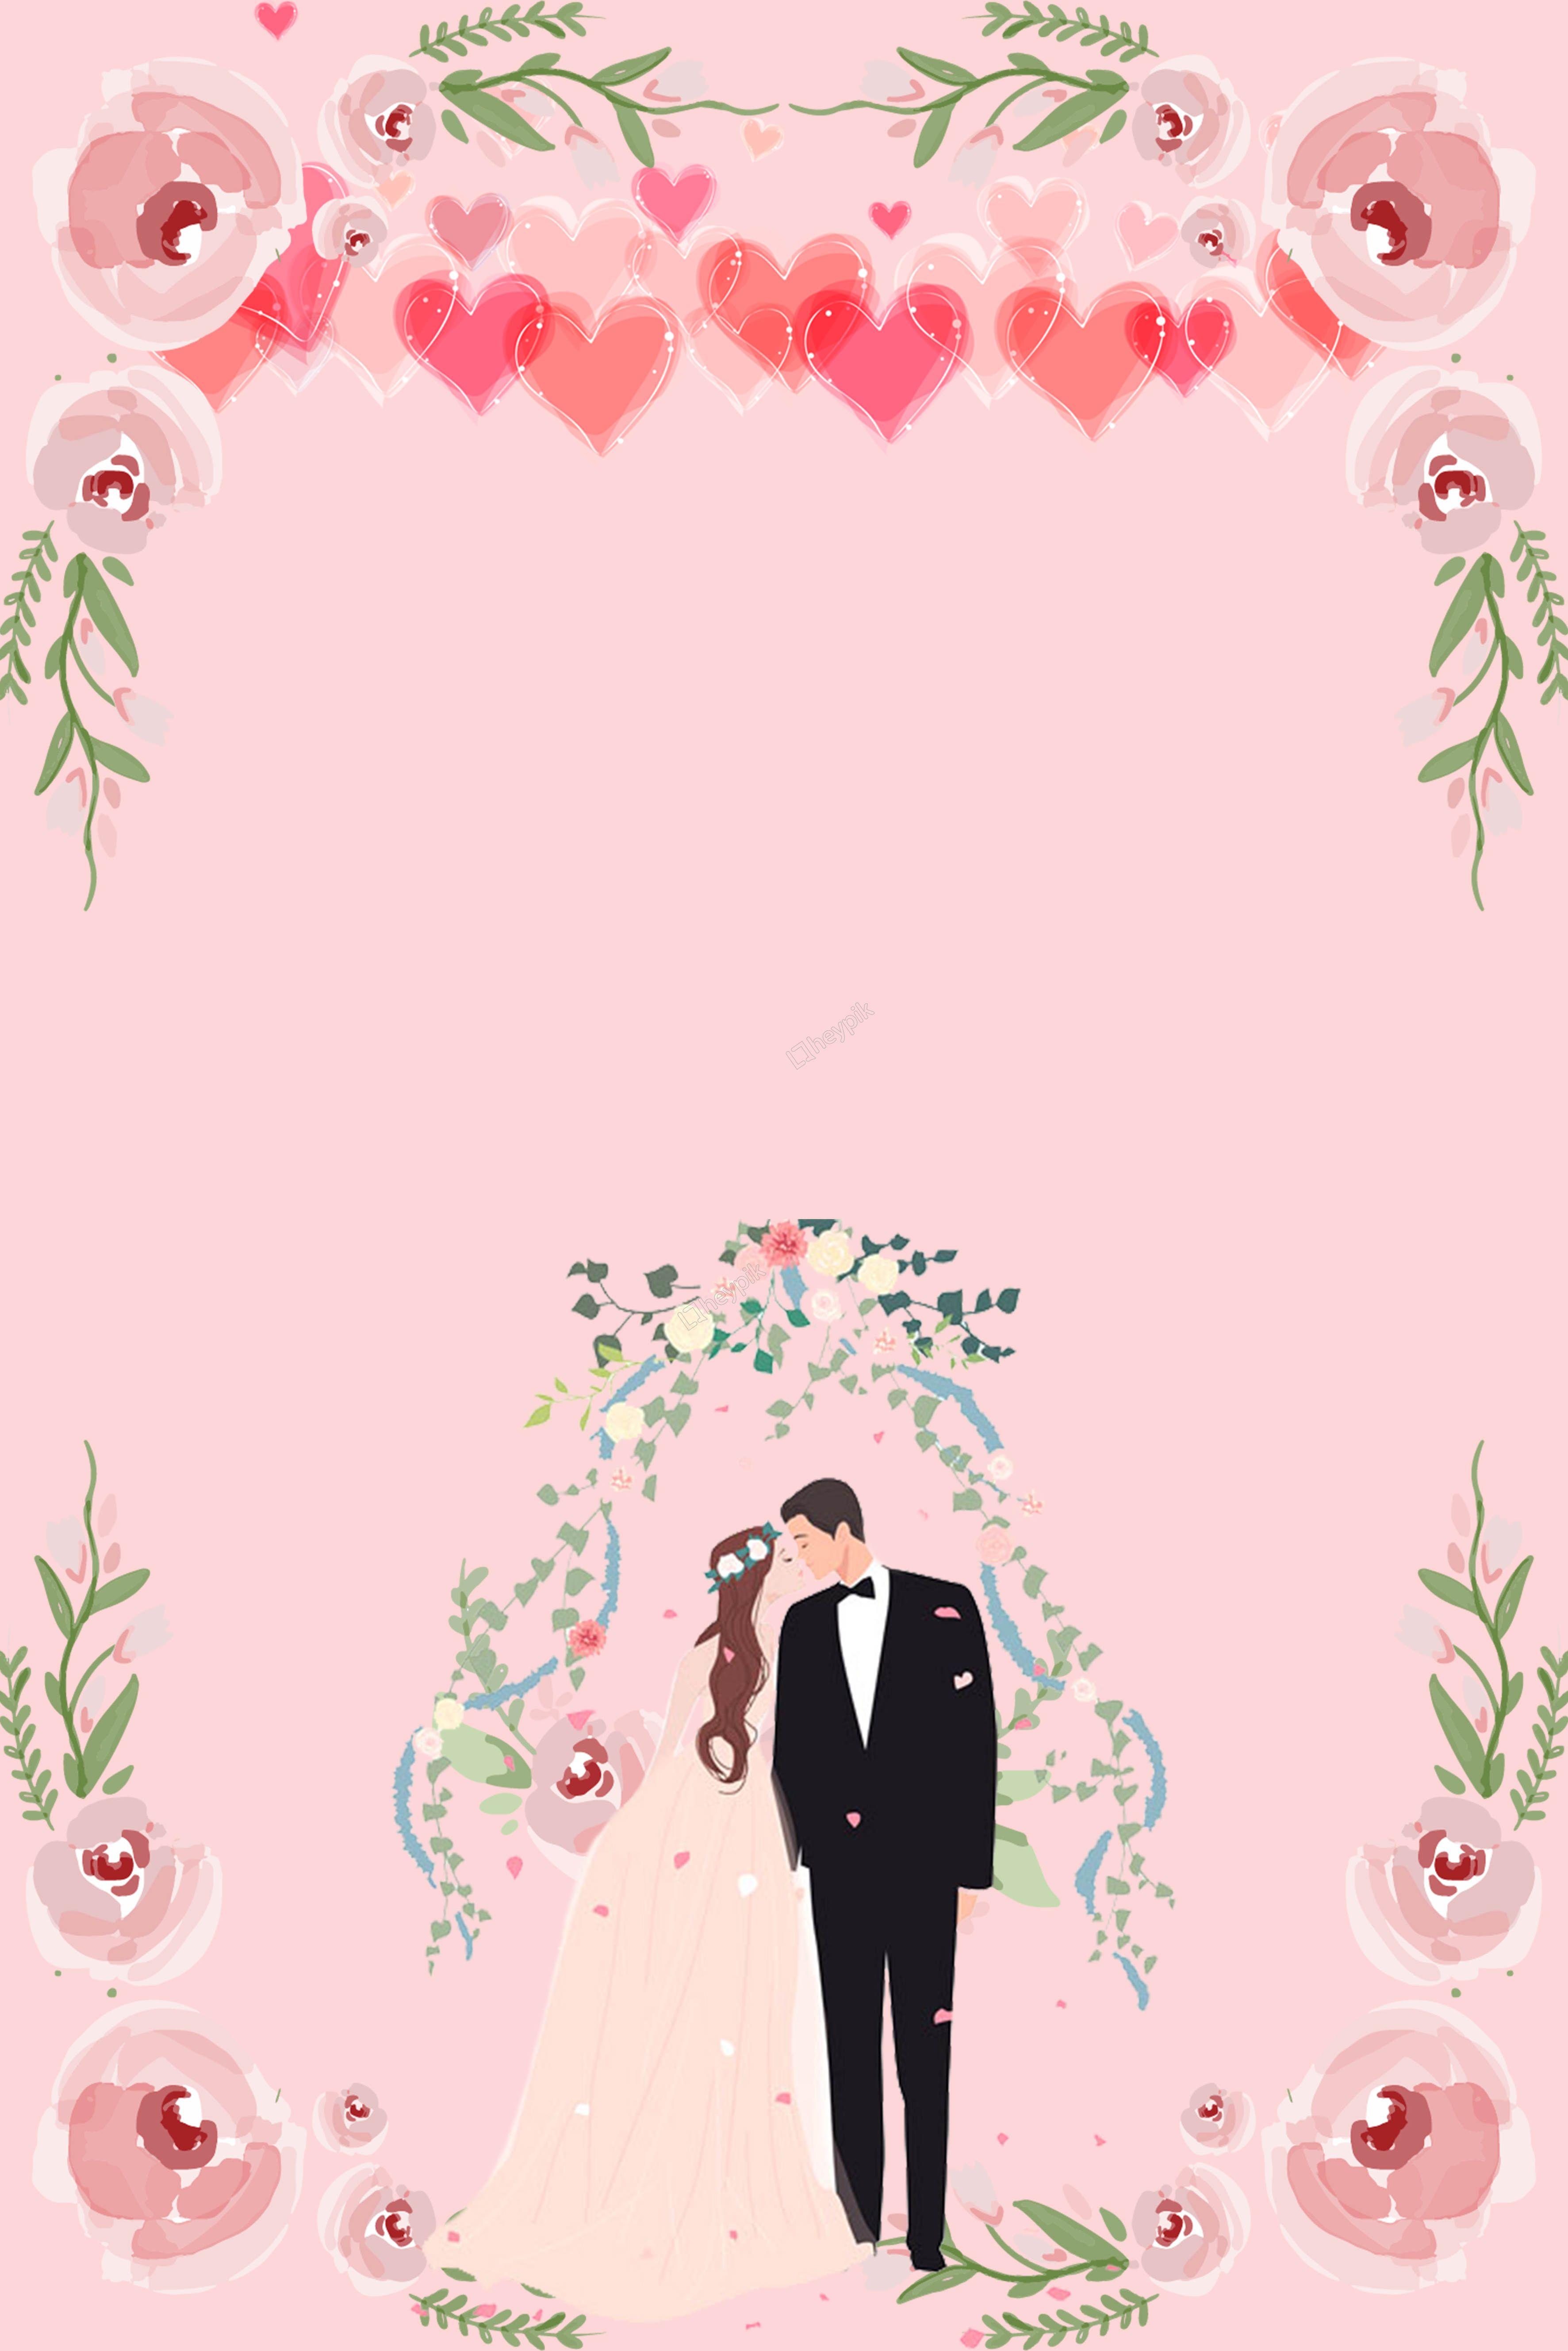 دعوة زفاف خلفية التوضيح Wedding Invitation Background Wedding Invitation Posters Cartoon Wedding Invitations